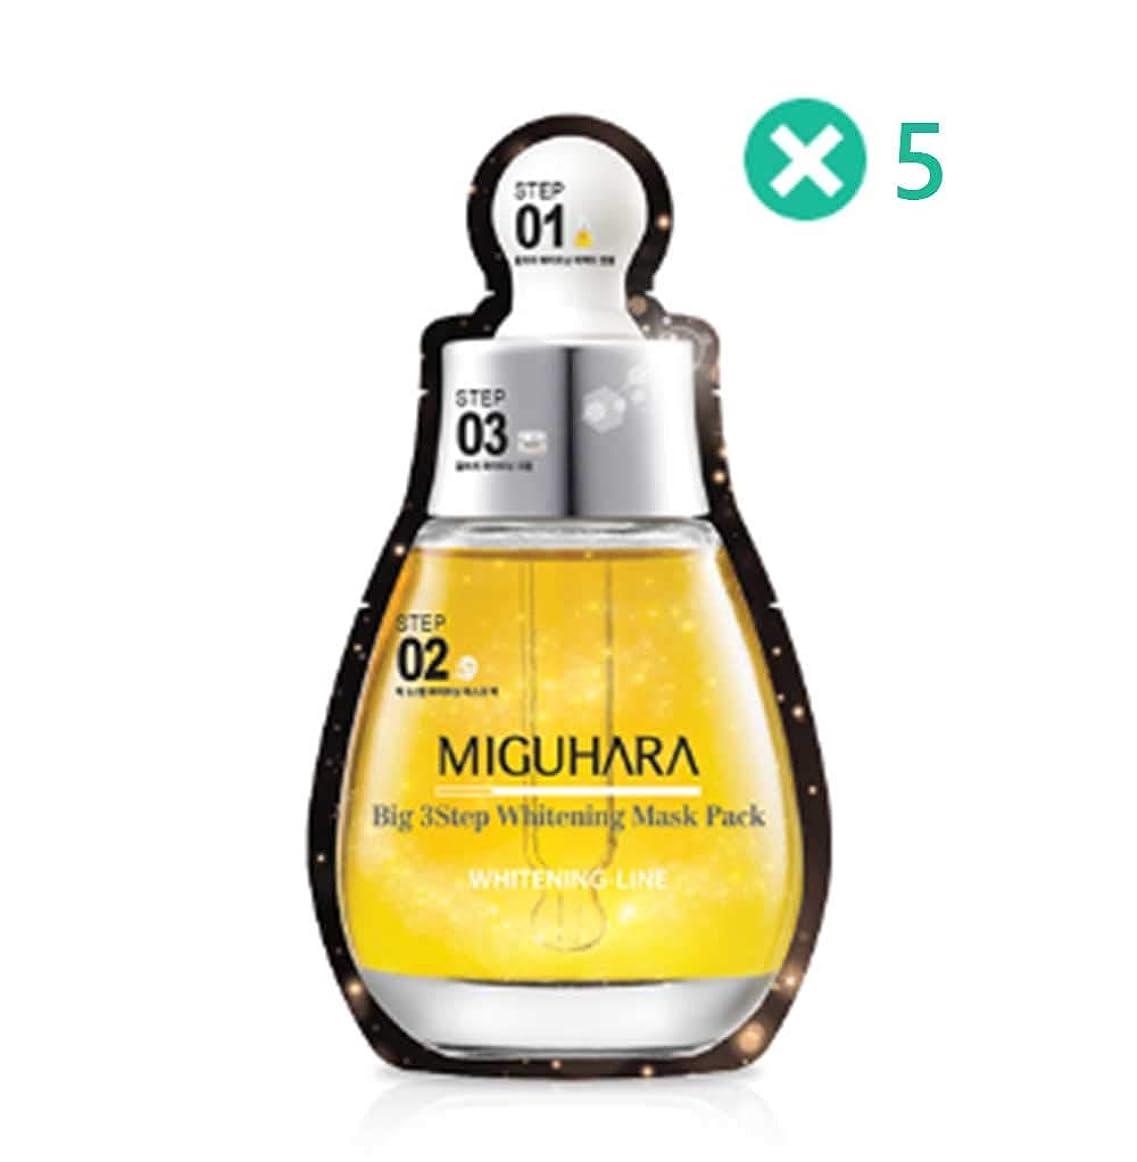 暗記する宙返り枯渇MIGUHARA ビッグ 3ステップホワイトニングマスクパック/Big3 Step Whitening Mask Pack (1.7ml + 23ml + 1.7ml)*5PCS